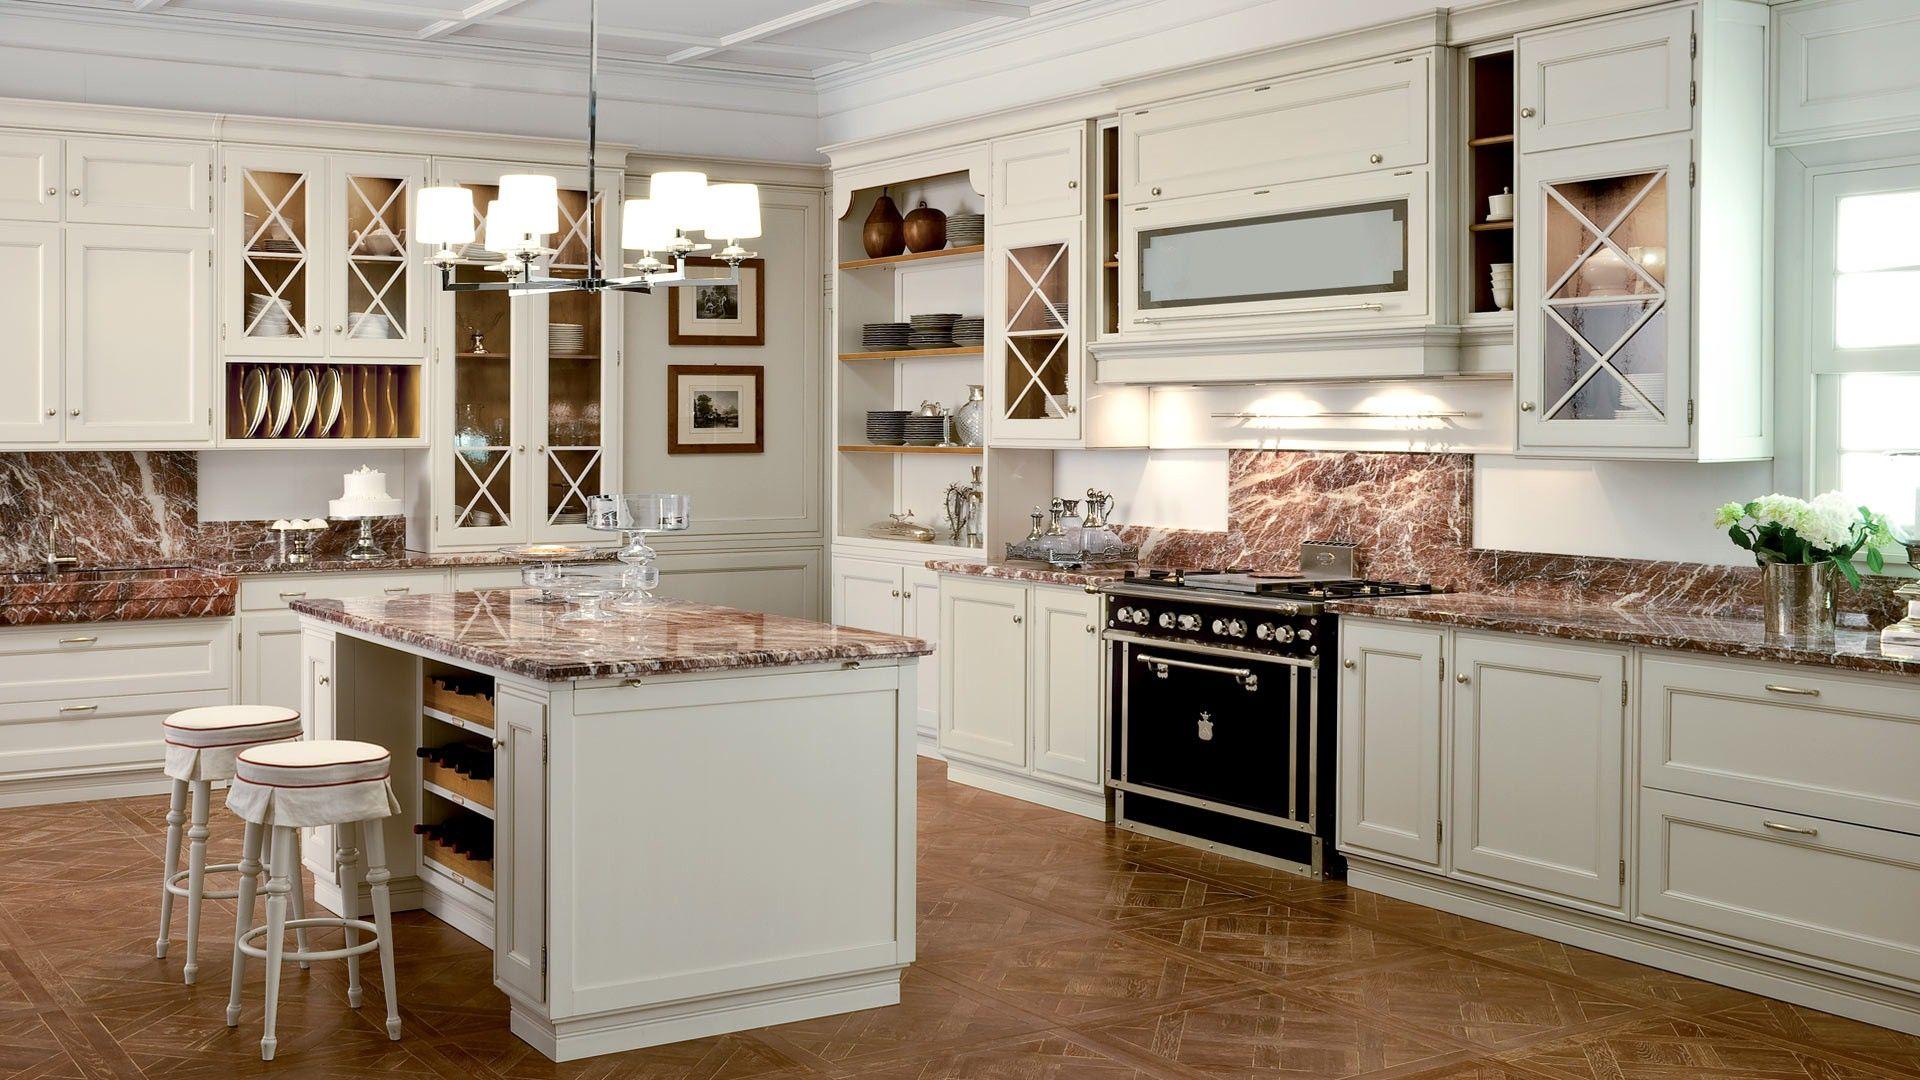 Gd Cucine Classic Kitchen Kitchen Designes Sears Kitchen Design